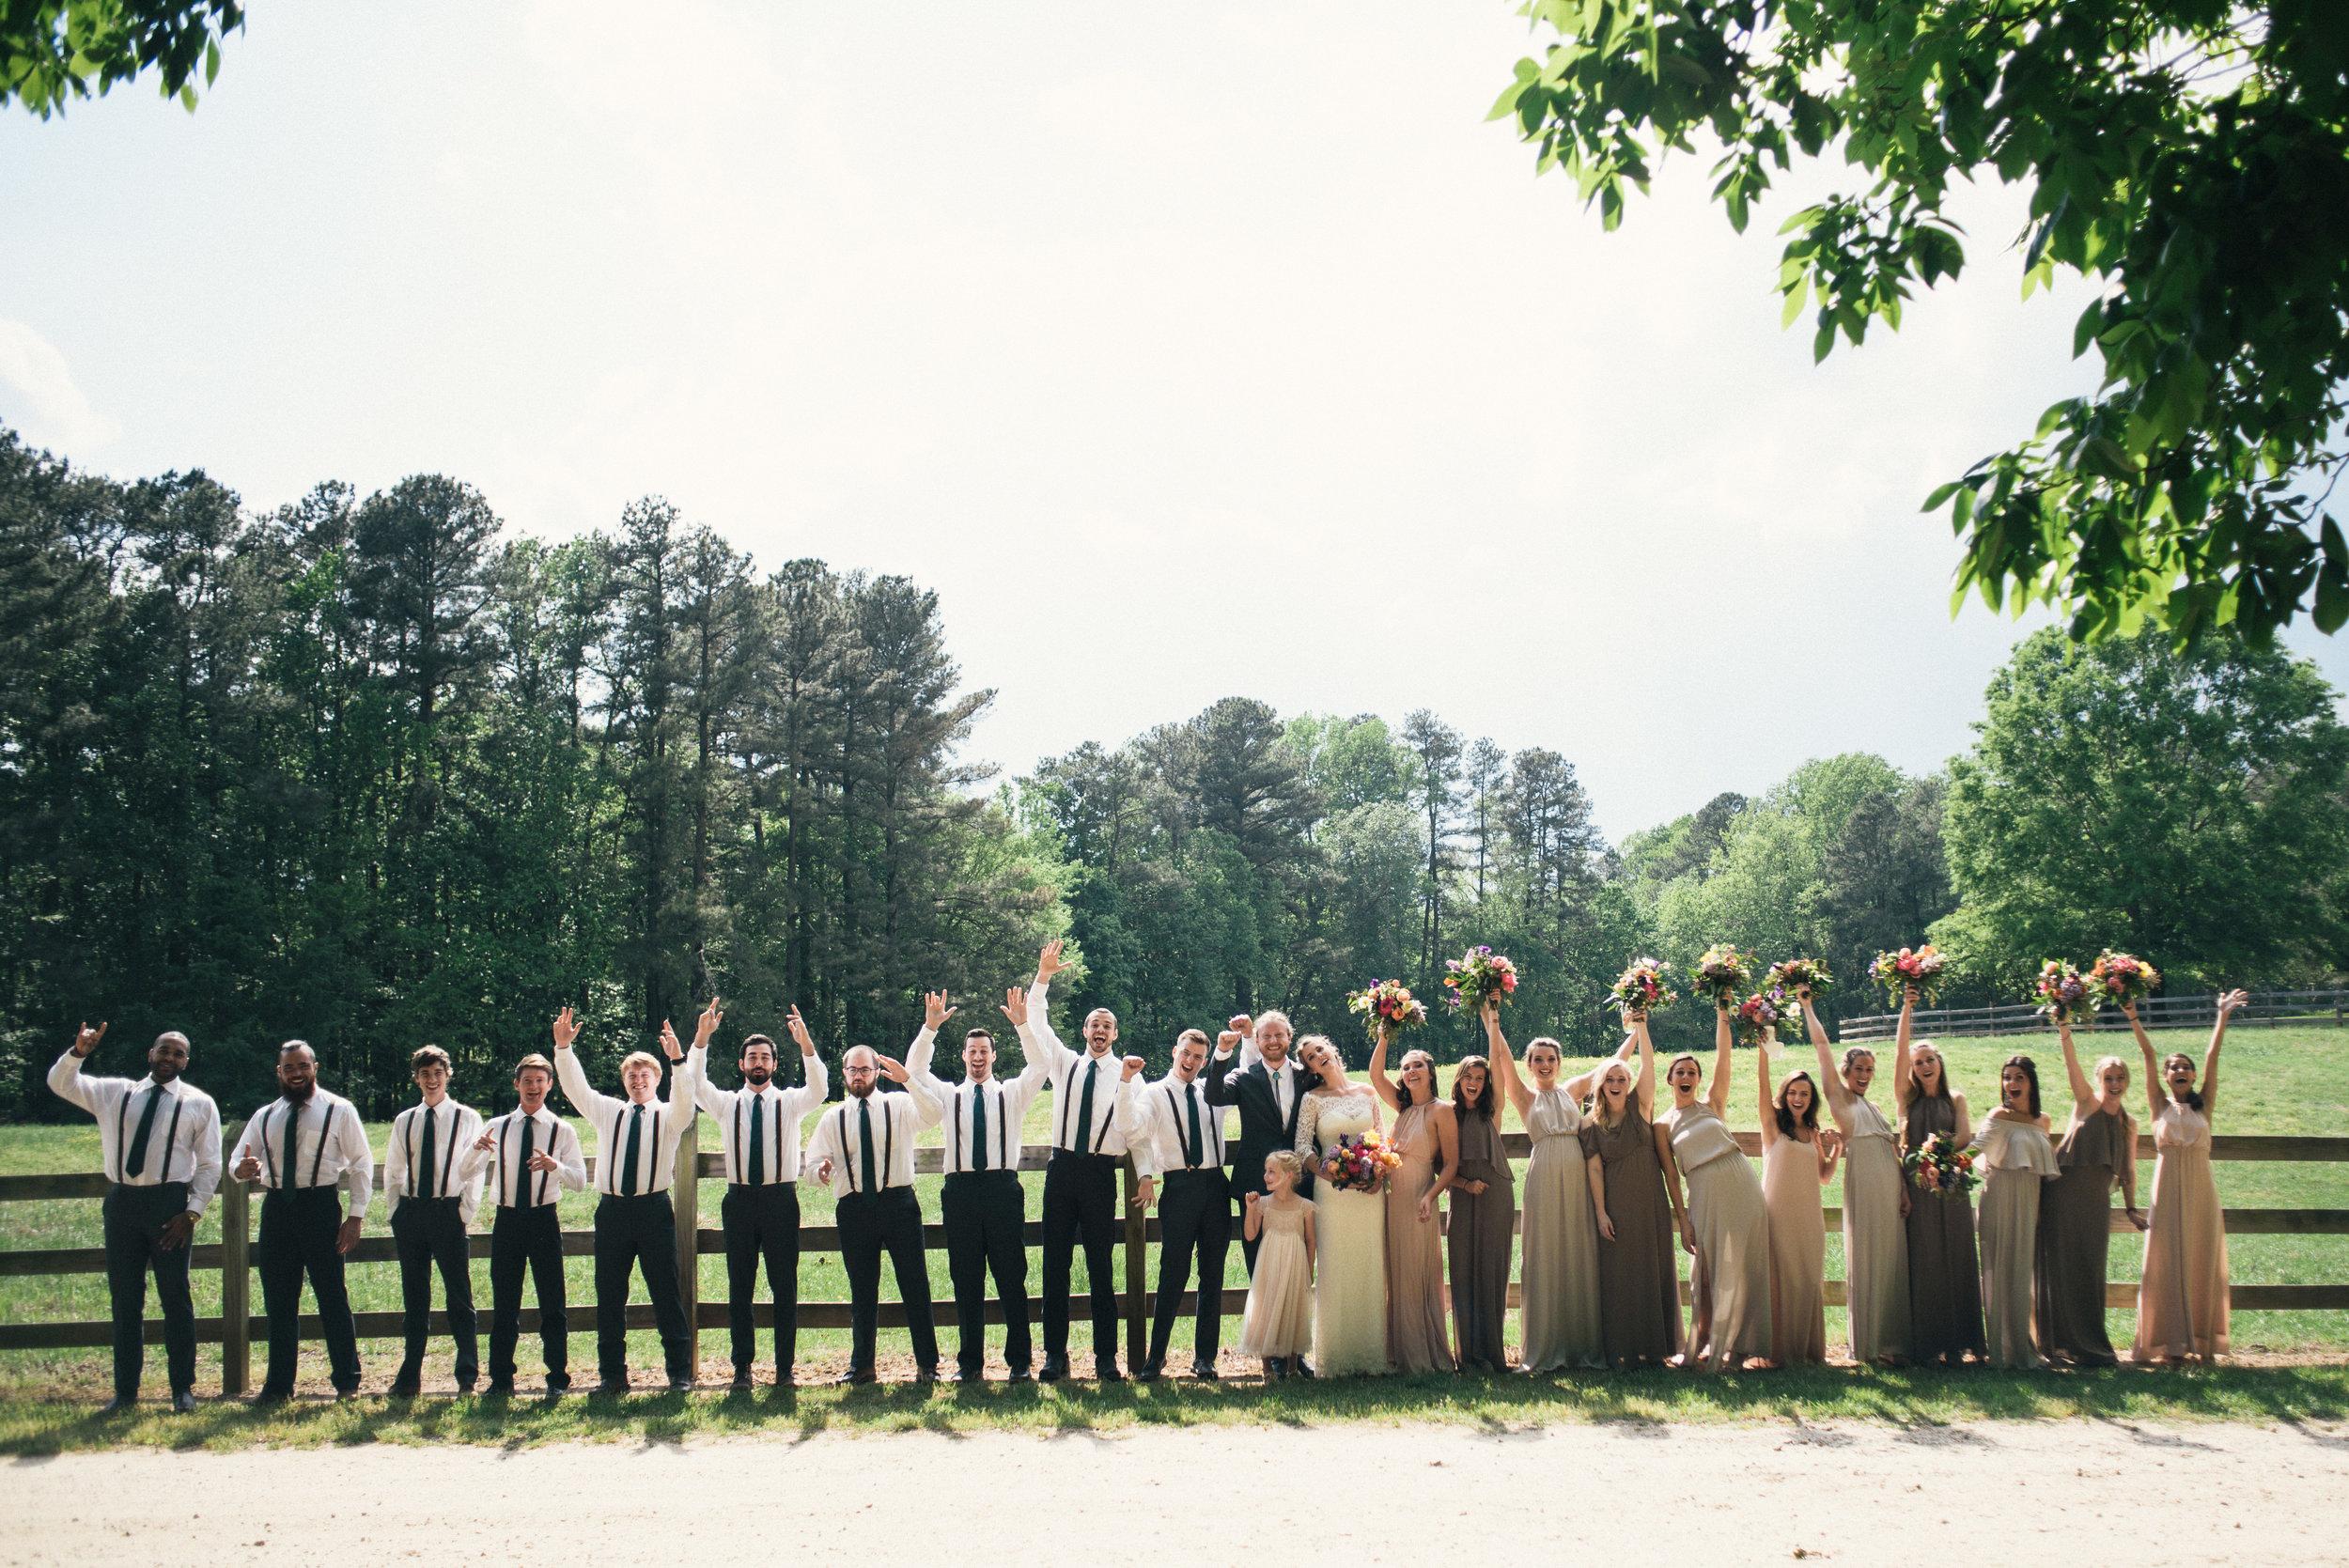 raleigh-elopement-photographer-raleigh-durham-wedding-maddie-and-devin- (59 of 162).jpg